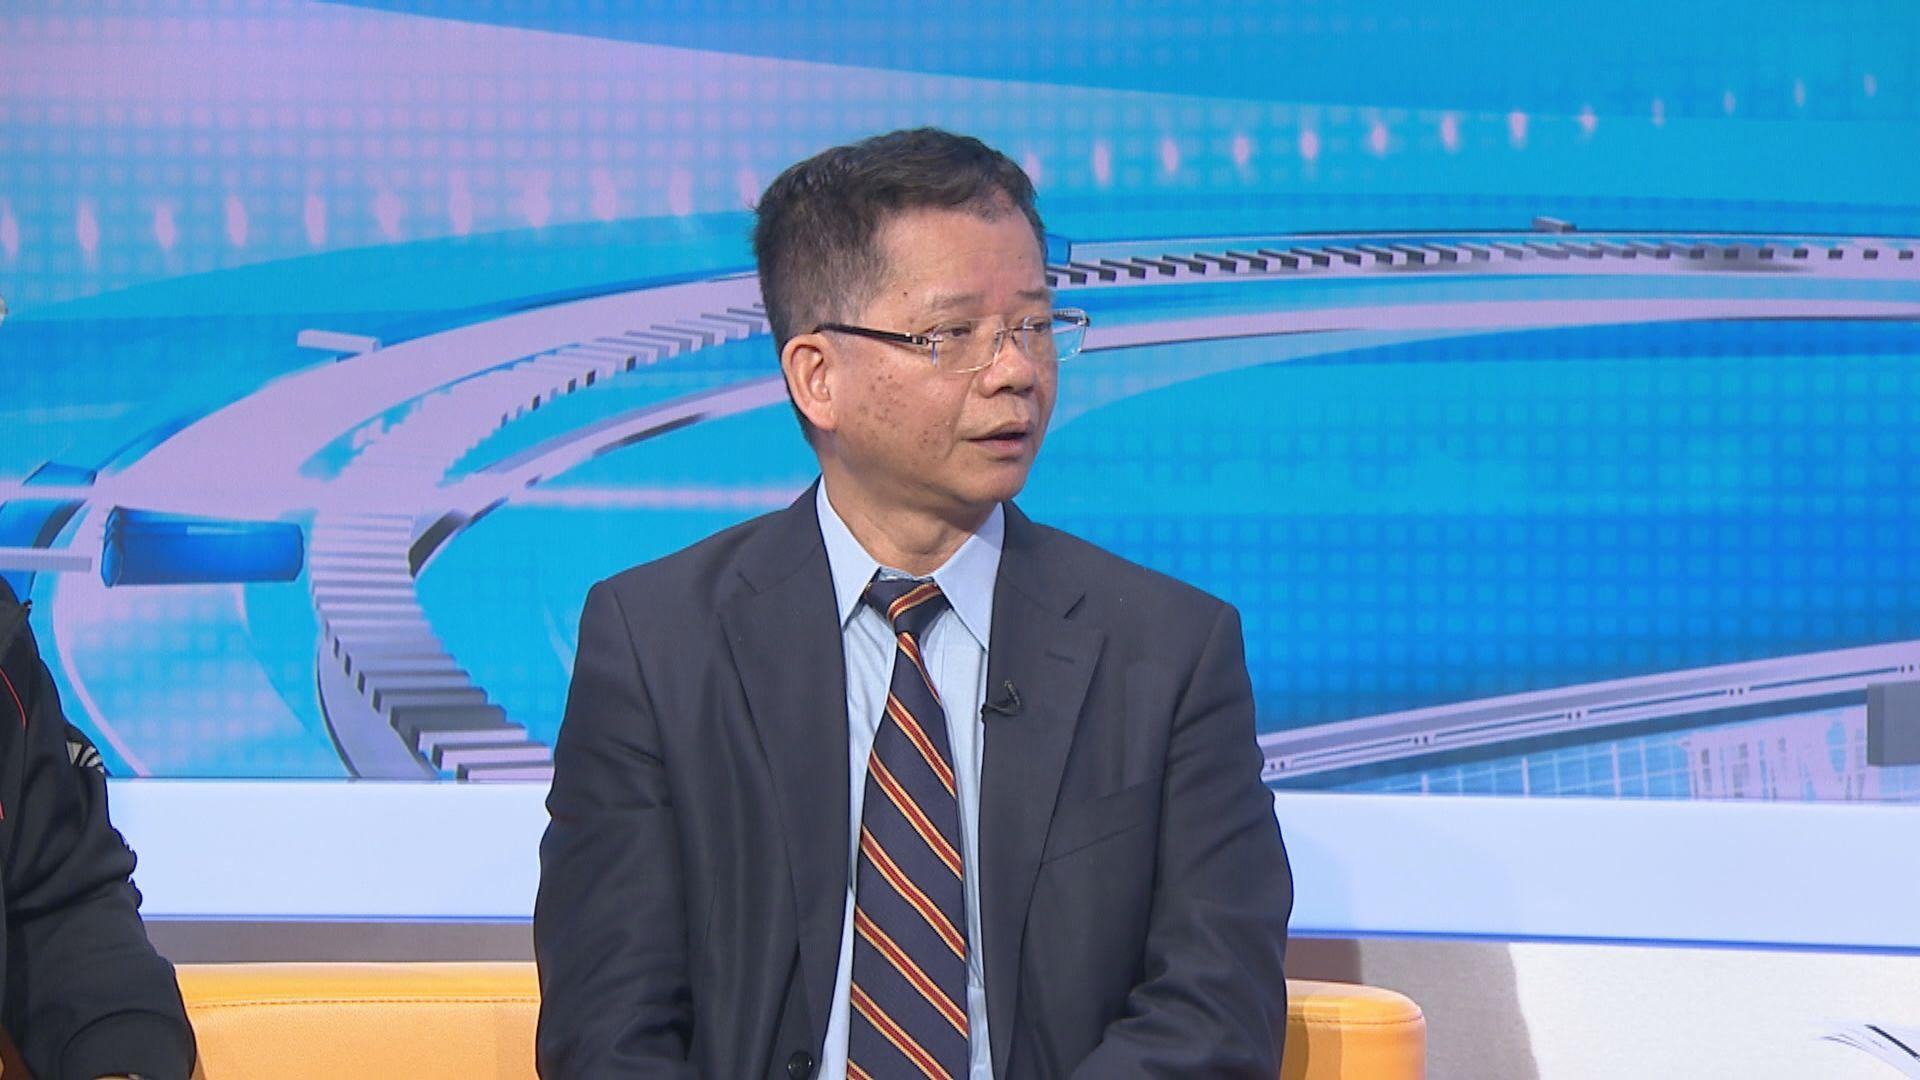 教育評議會主席:試卷具引導性 資料立場偏向支持日本